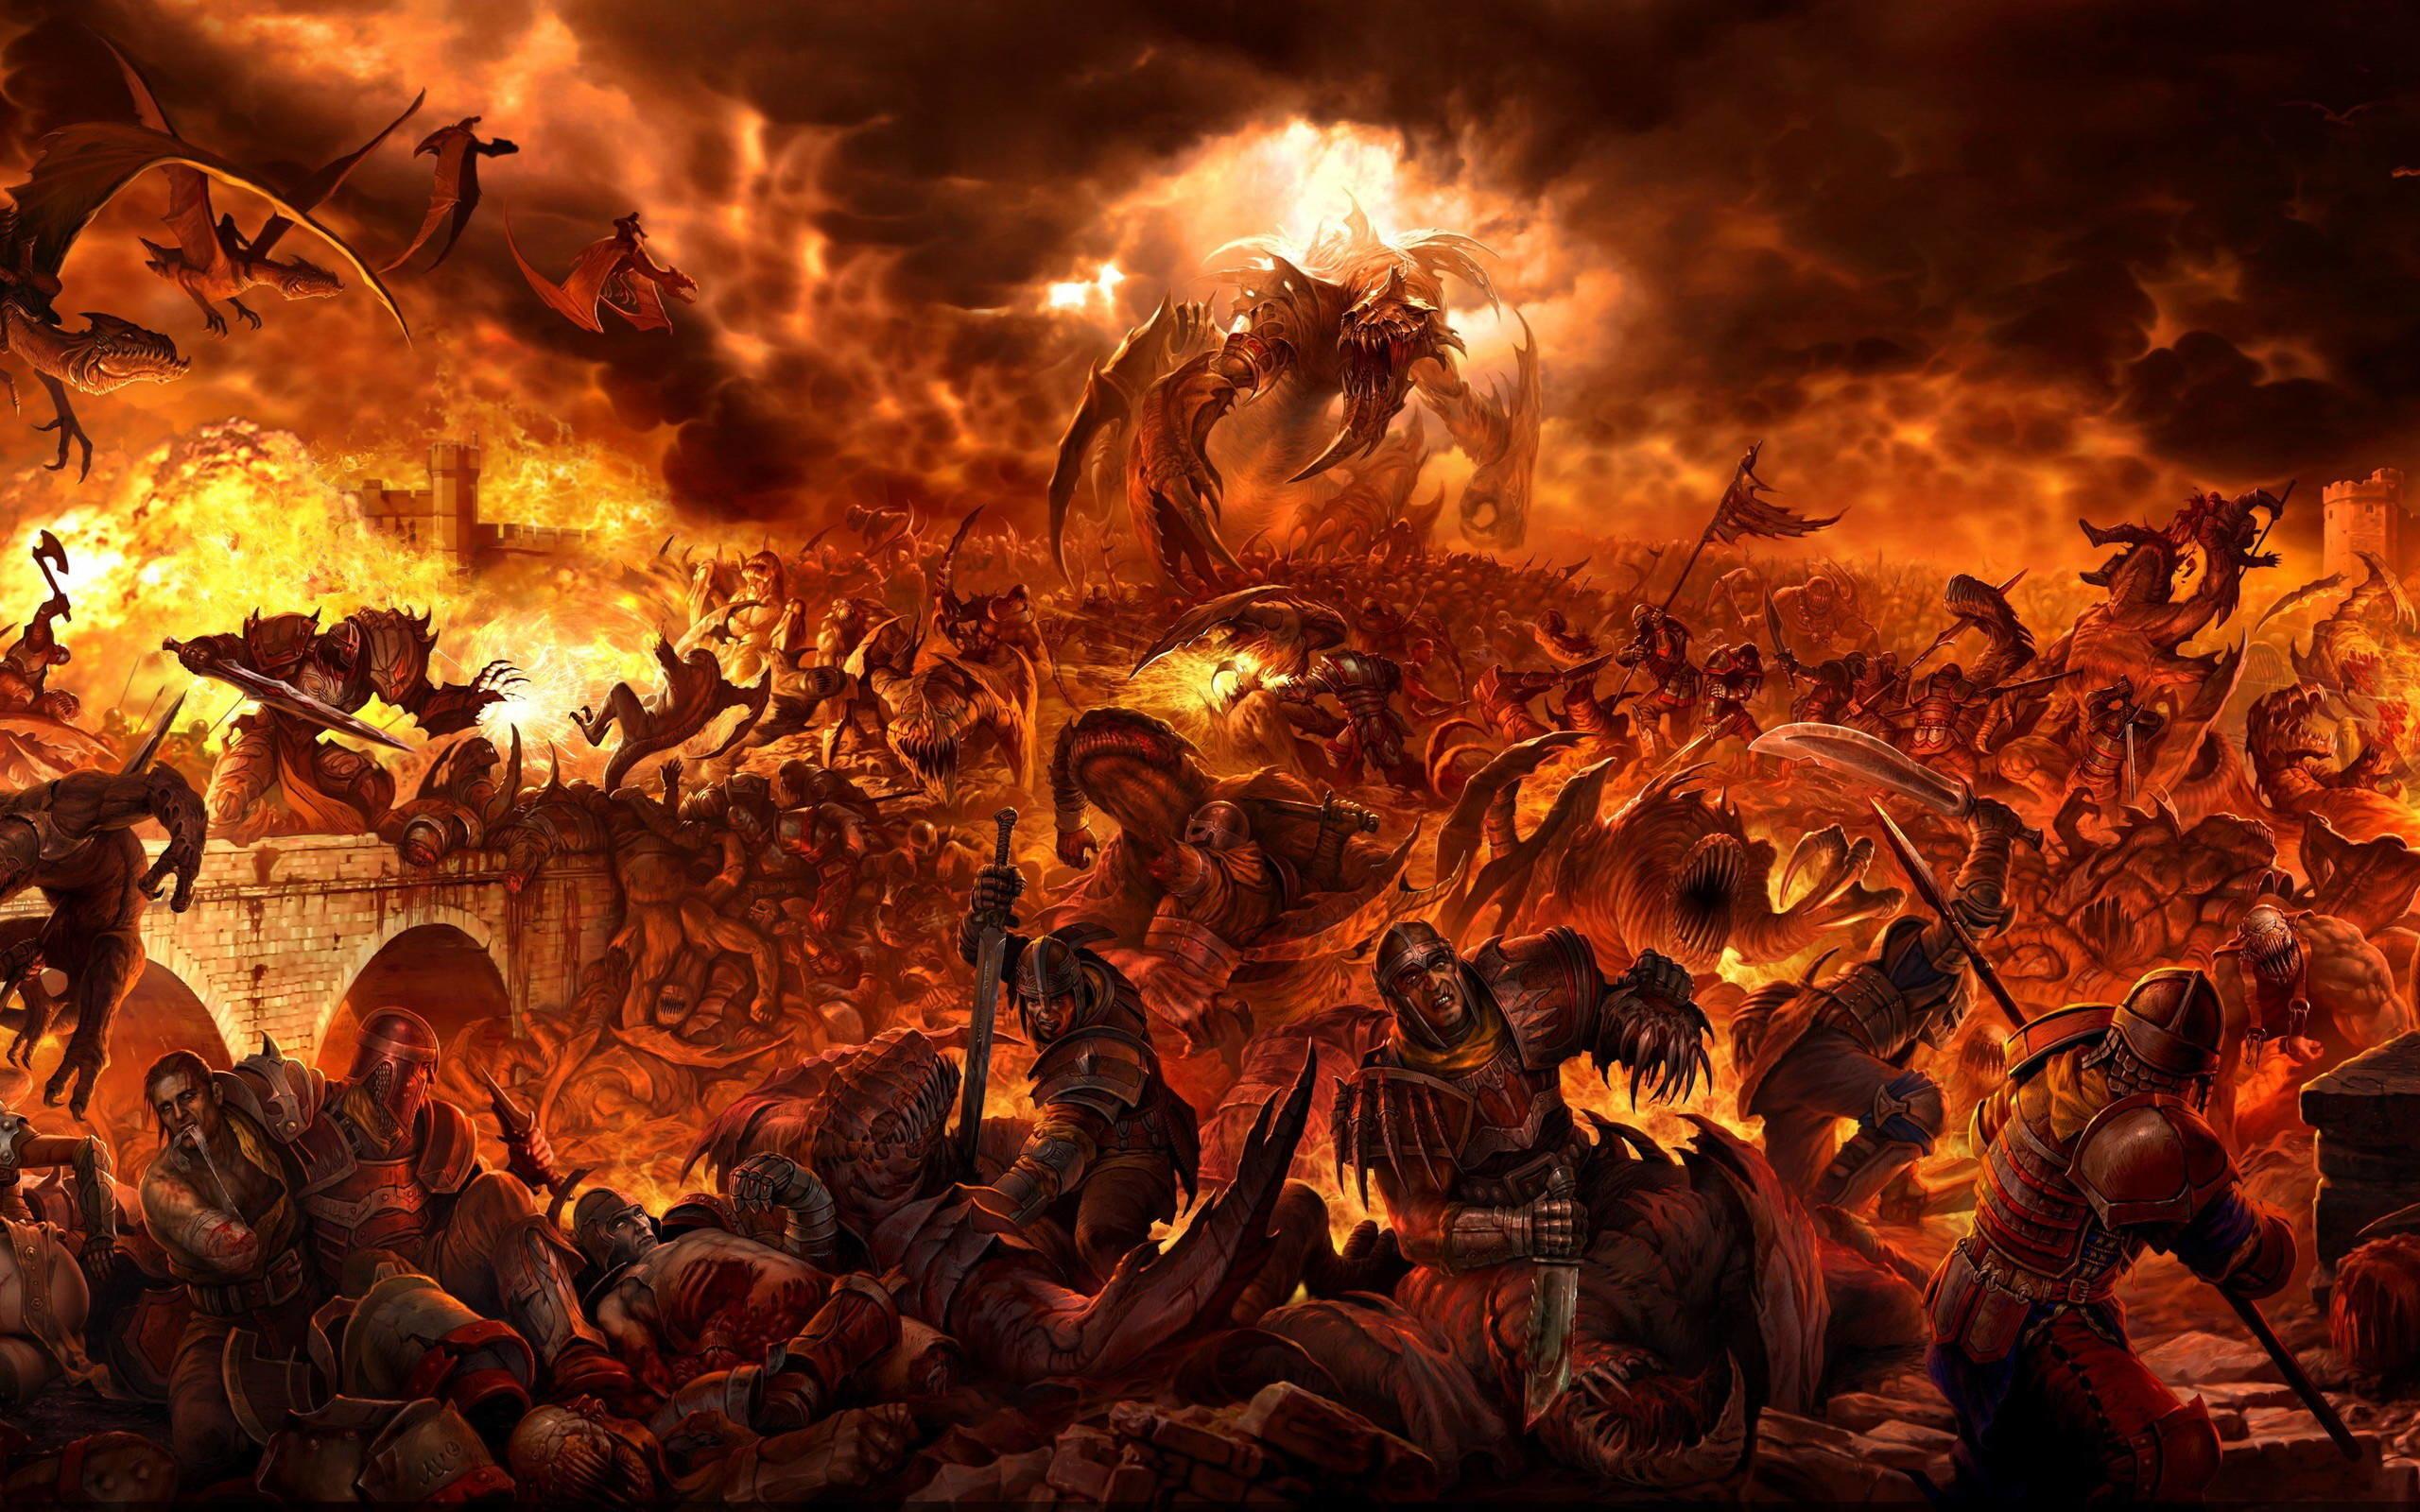 Fantasy Battlefields Wallpaper/Art Collection (Part 1)